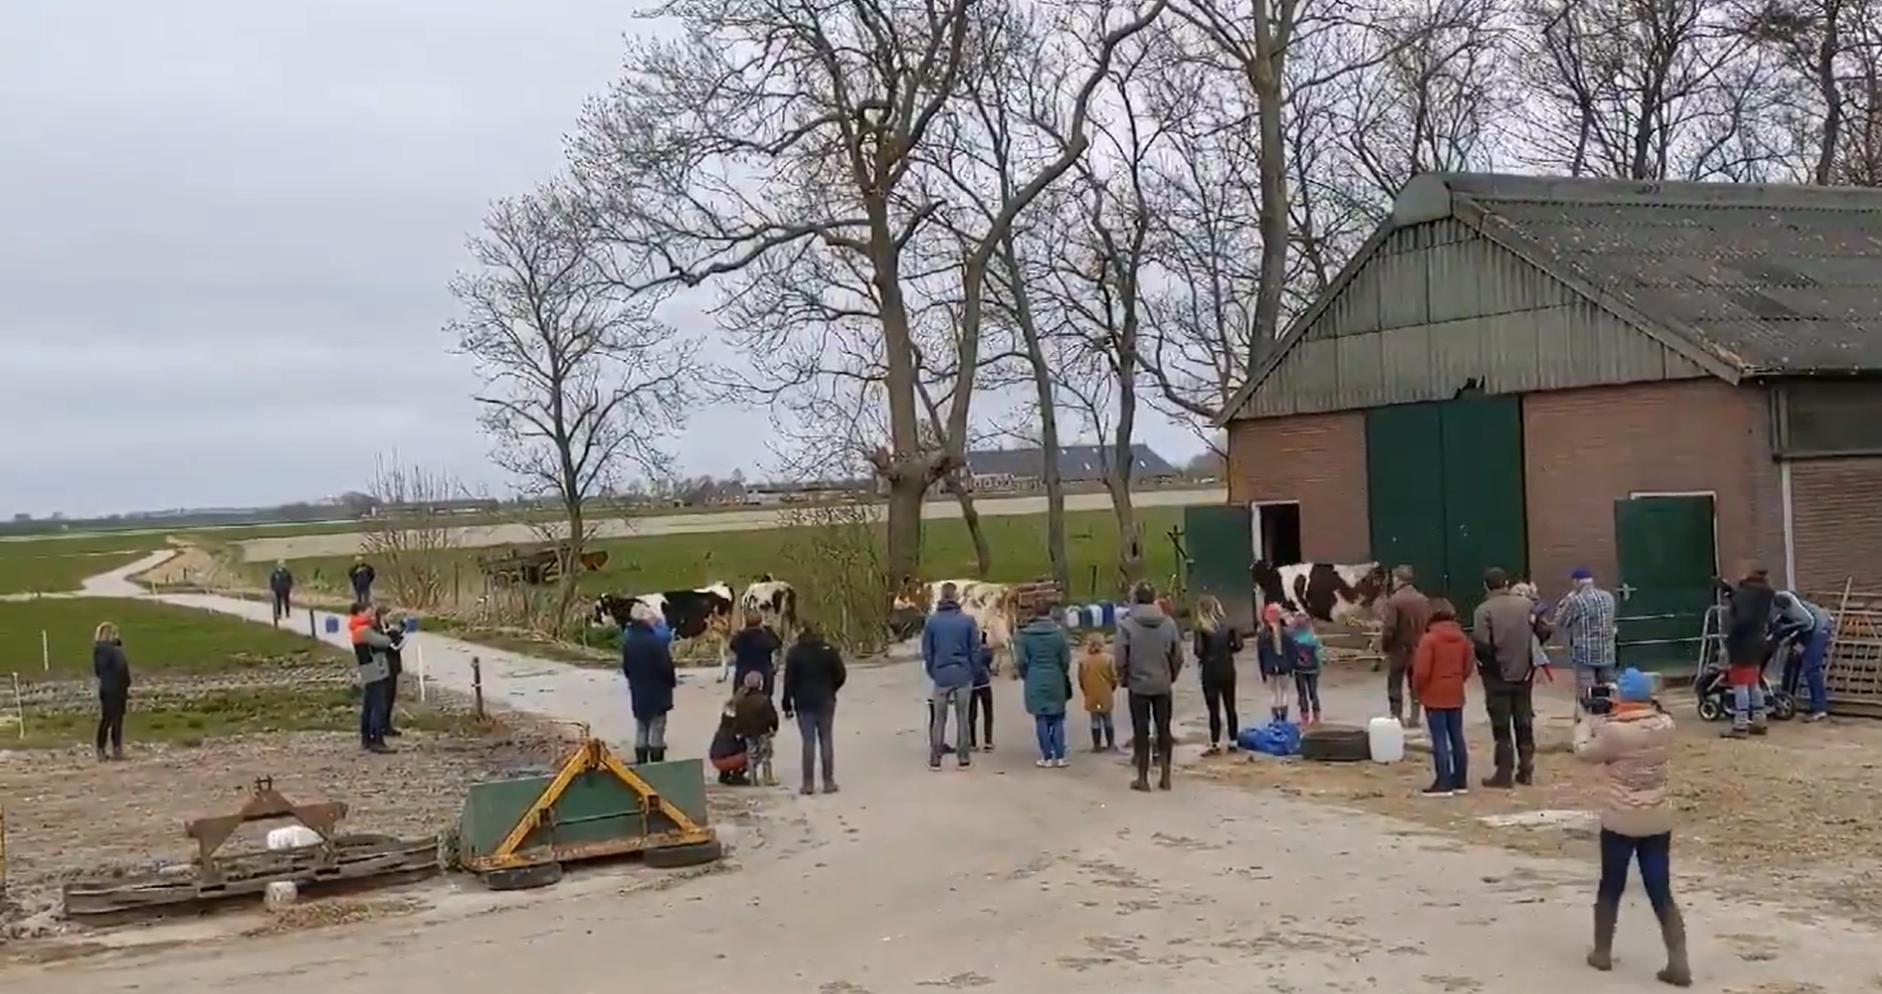 Кадр из видео с коровами в Нидерландах